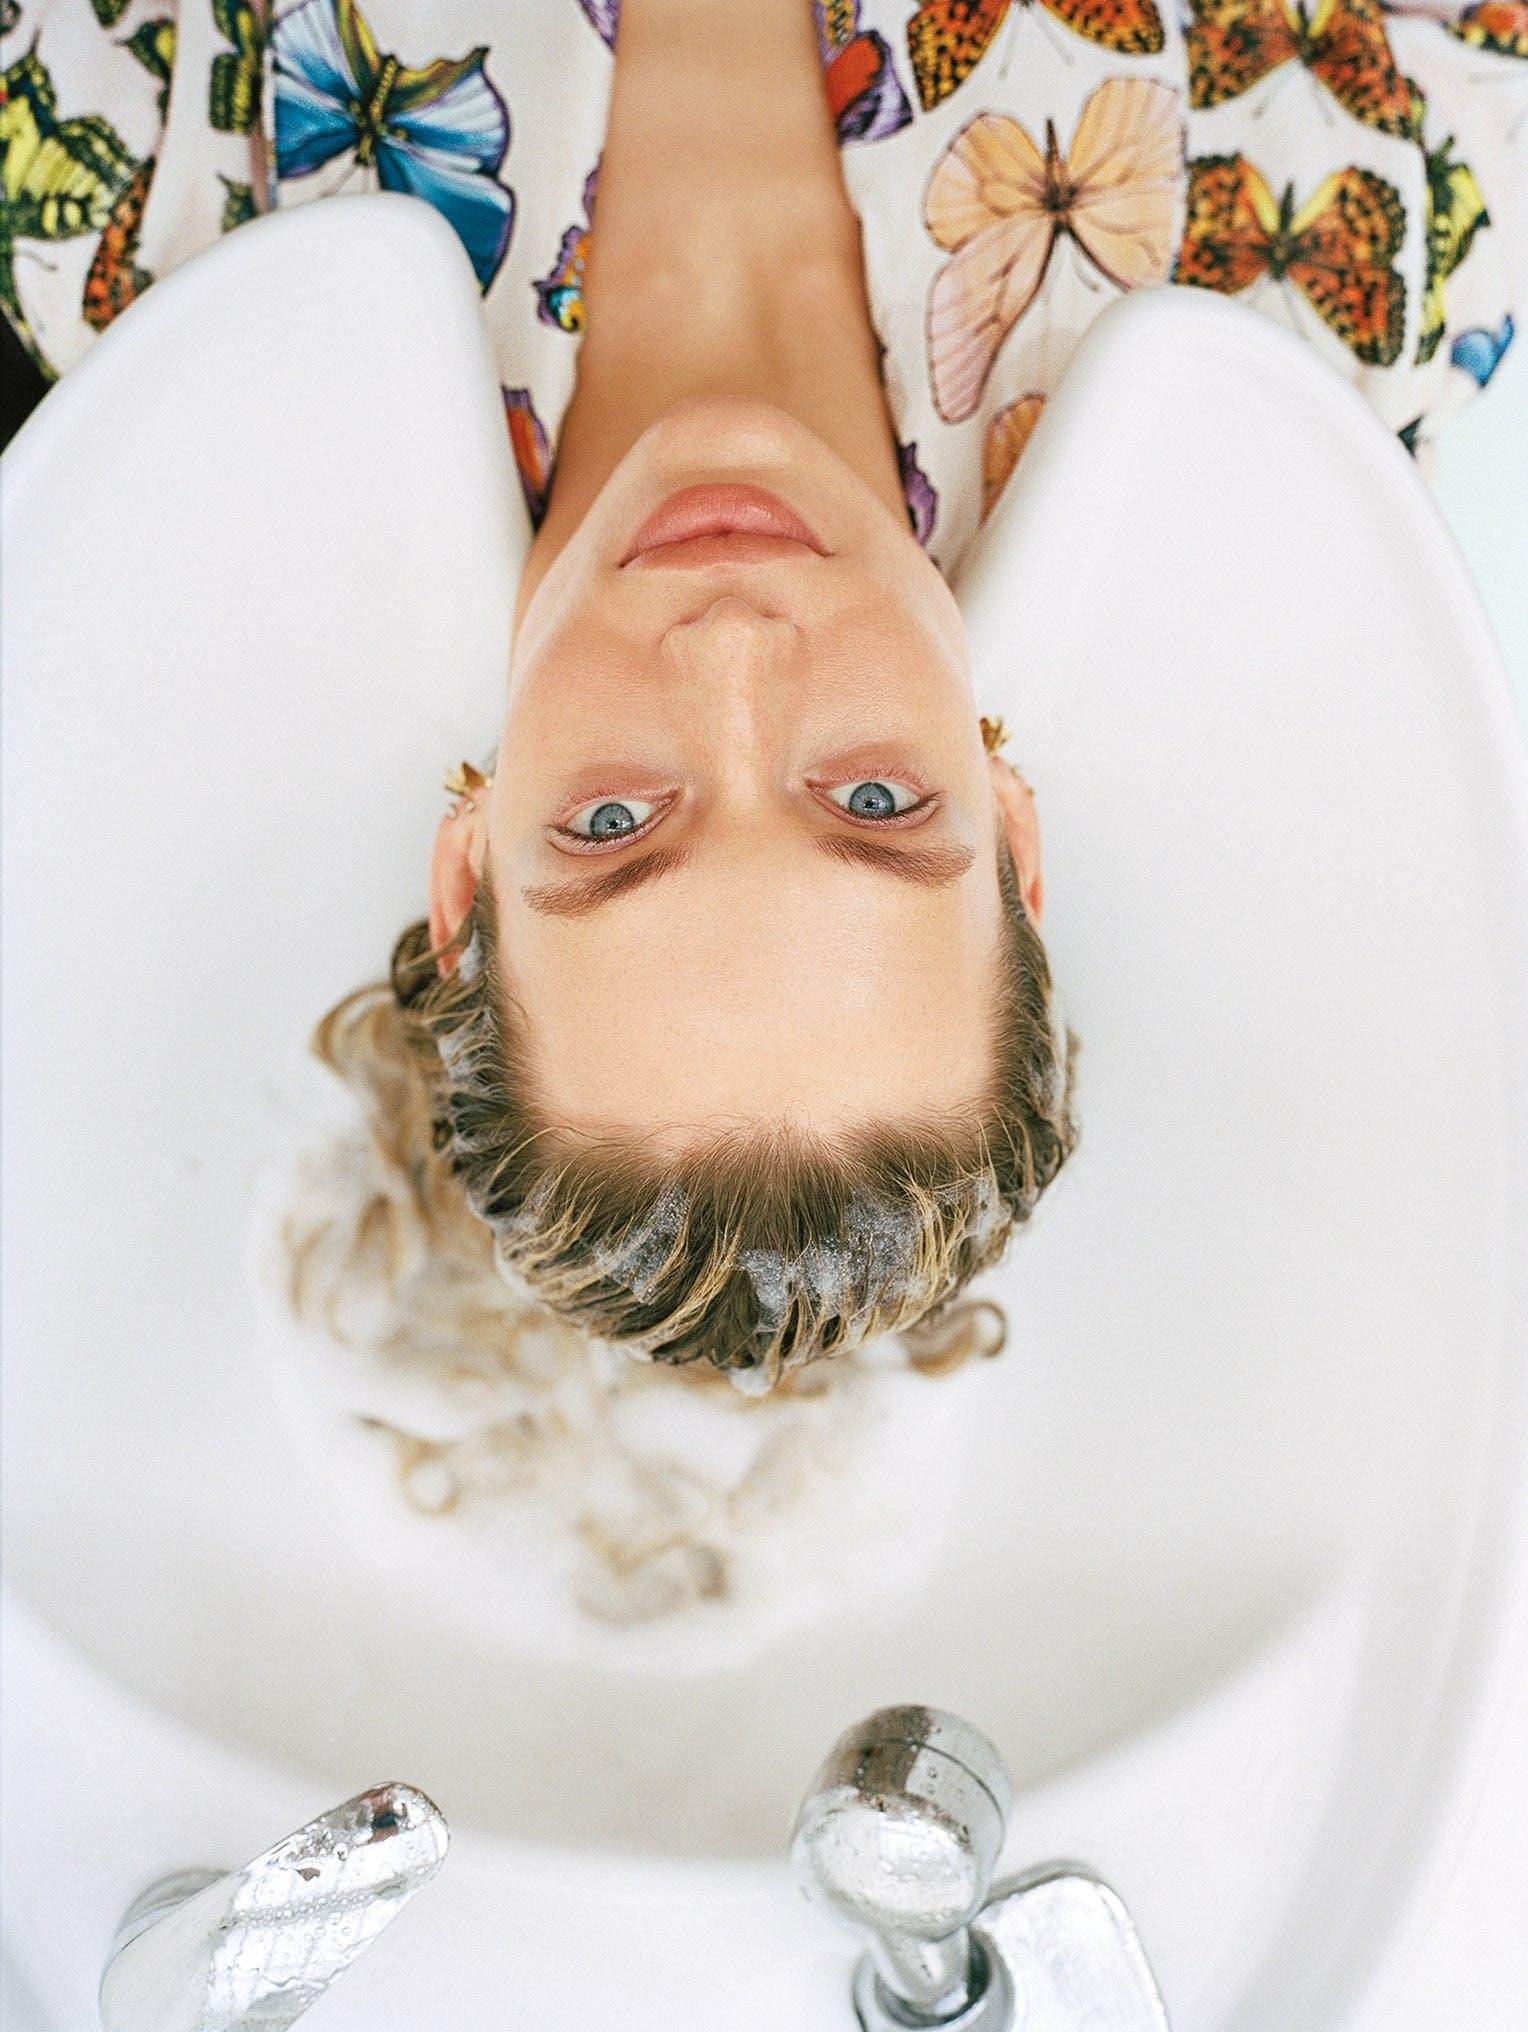 e366e504 2501 4acf 8162 6c00ae968884 - 12 عادة قد تتسبب في معاناة شعرك بالصيف